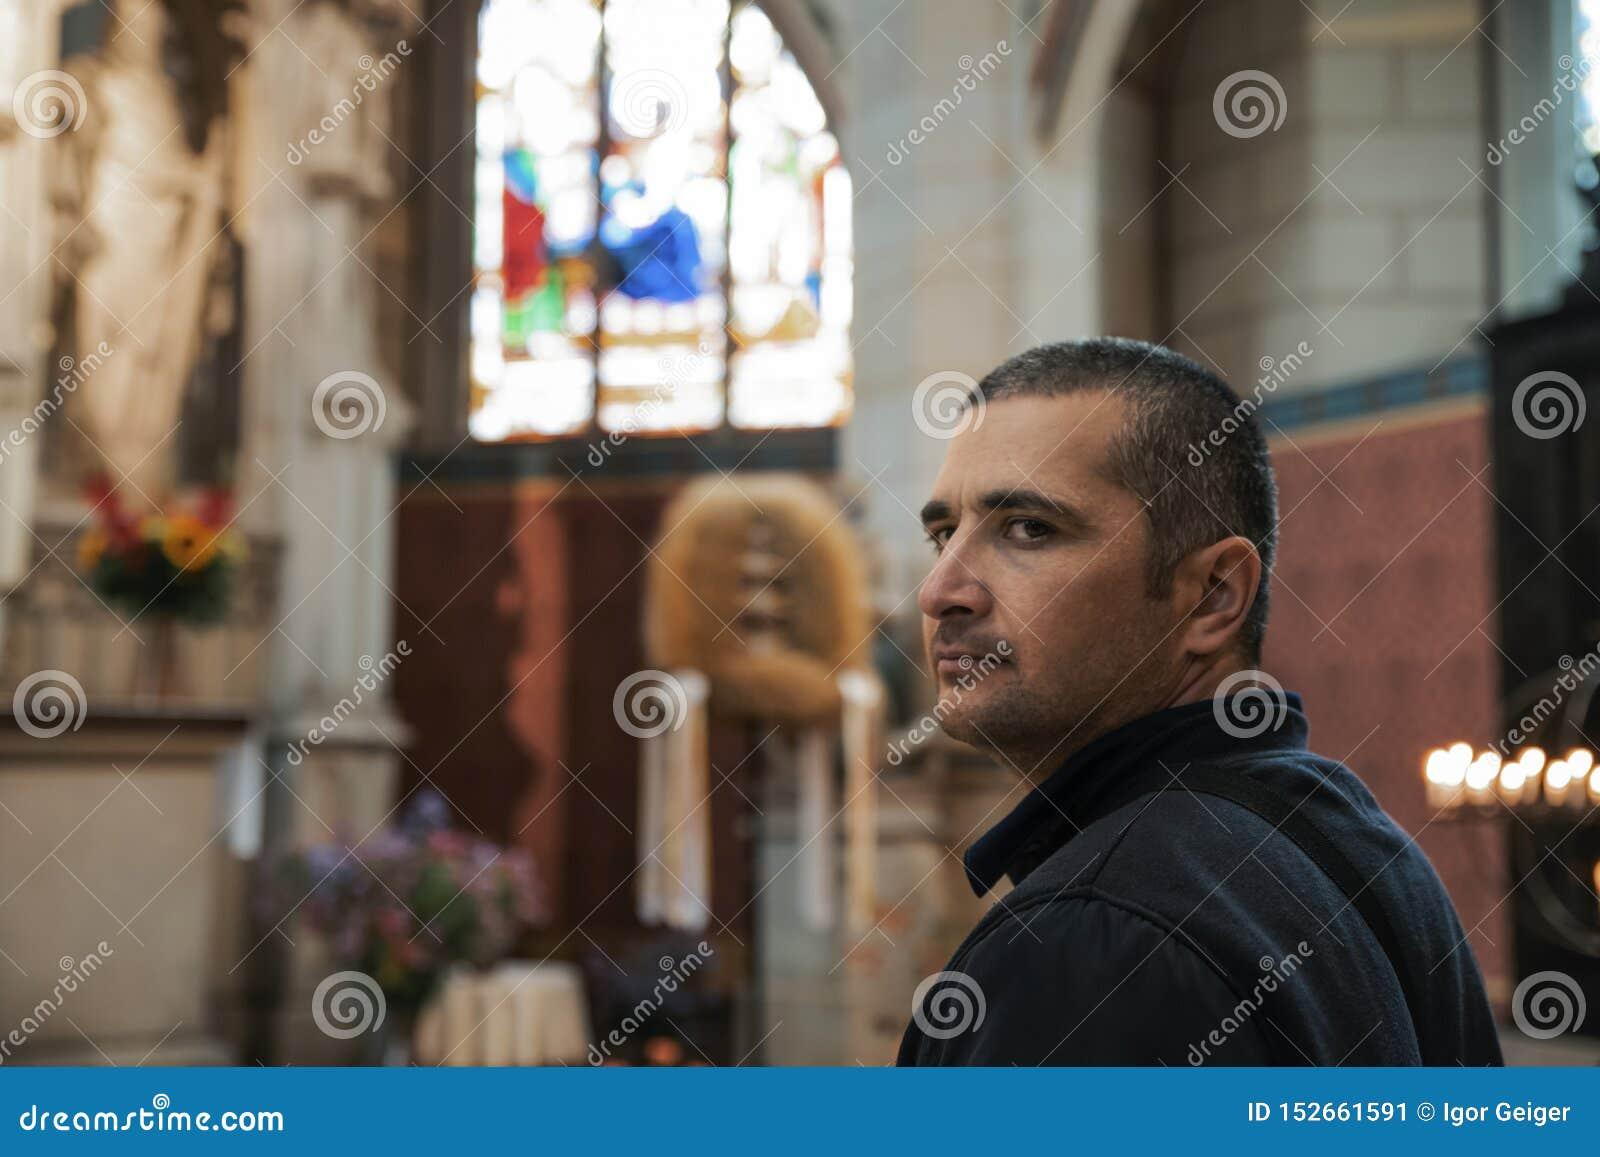 Ung svart-haired man i för en katolsk kyrka sikt entusiastiskt